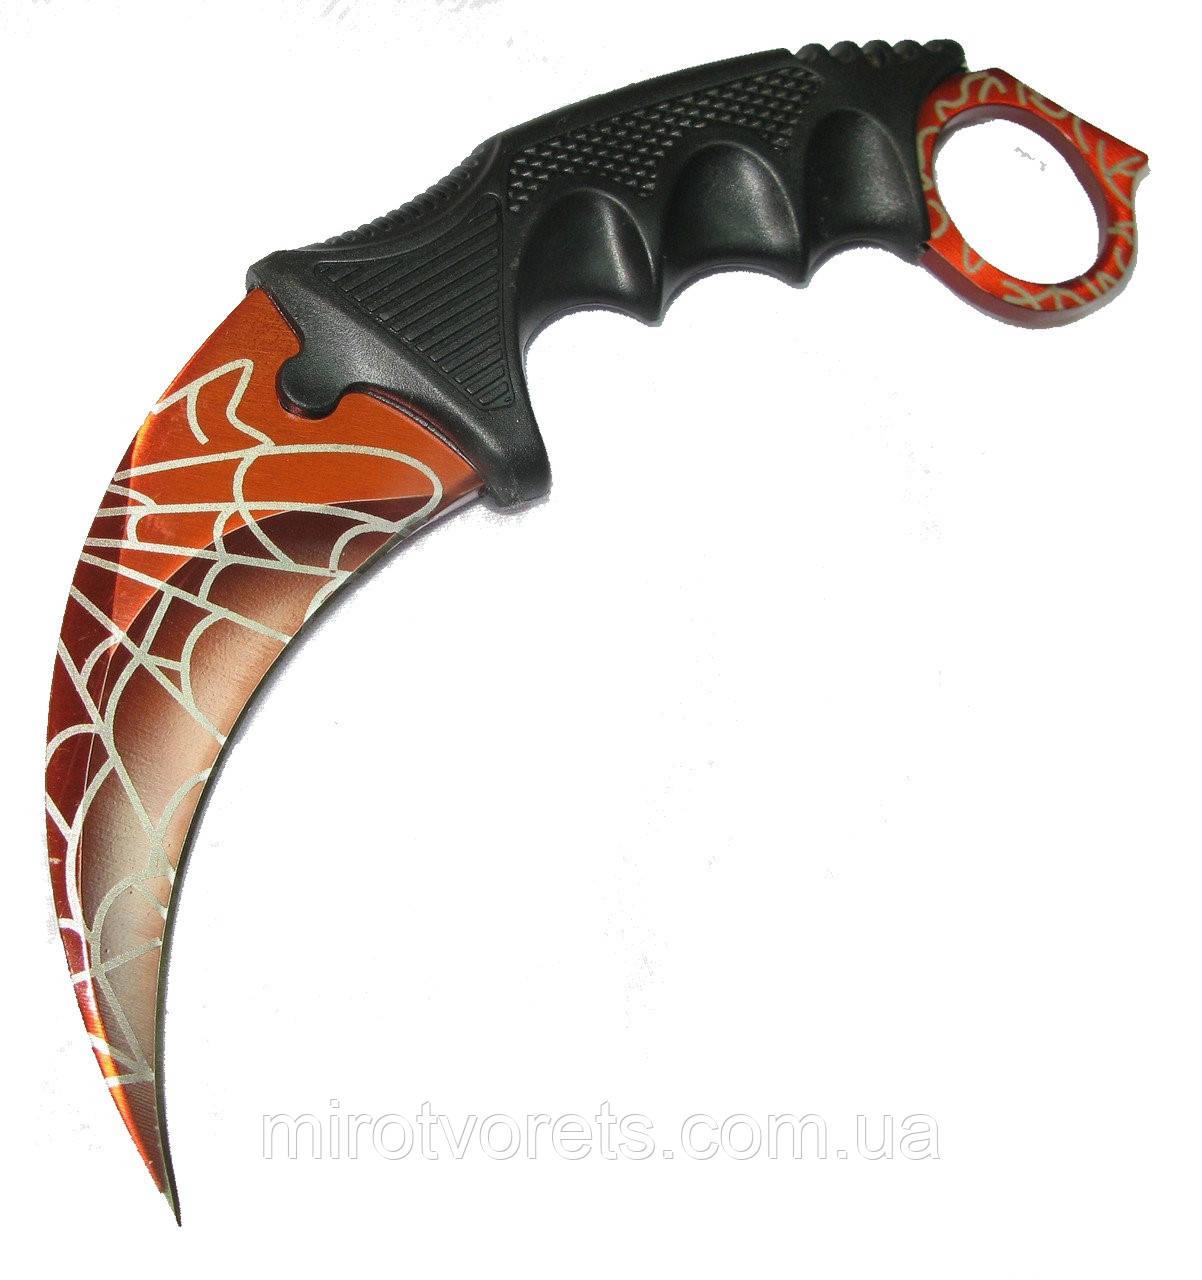 Нож керамбит CS GO красный с паутиной